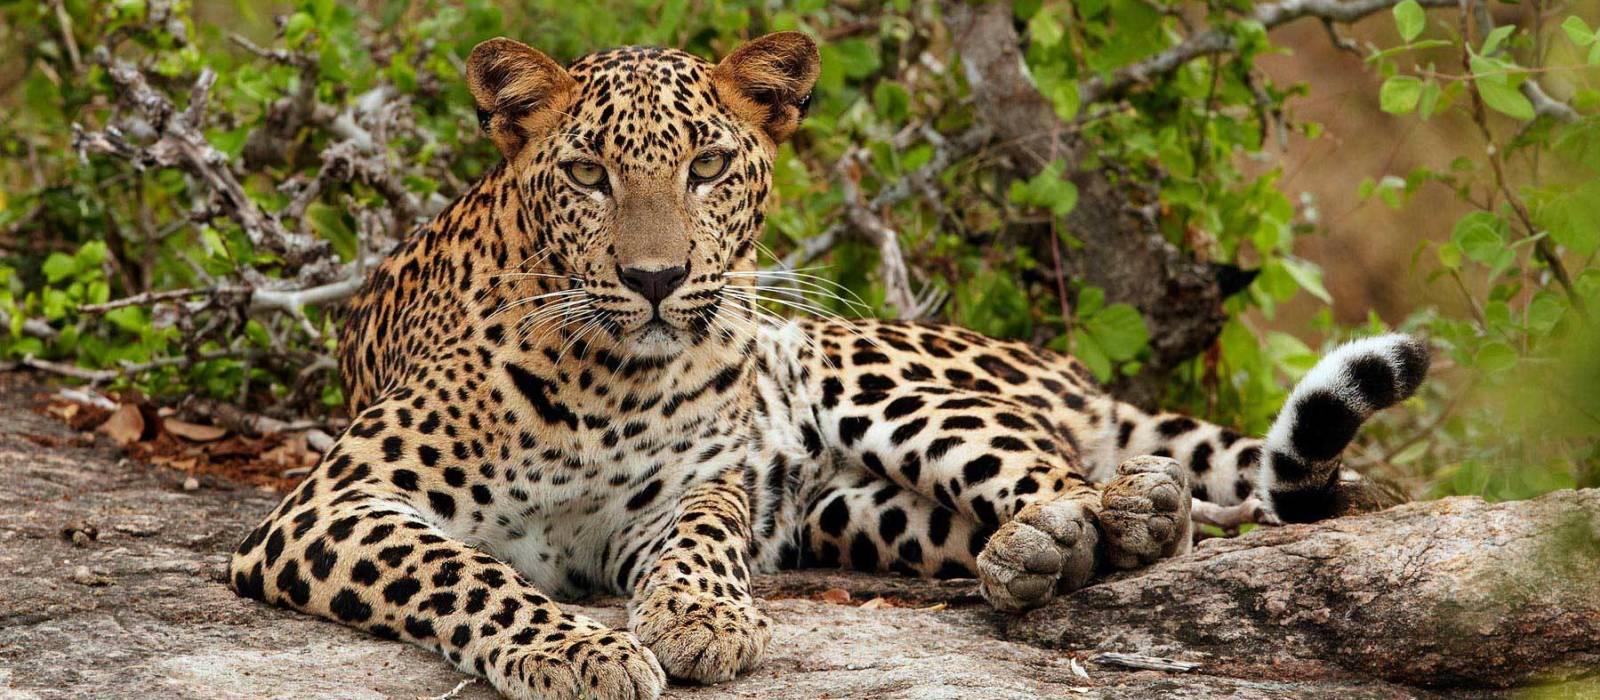 Nordindiens Goldenes Dreieck – Majestätische Paläste und Leoparden Urlaub 1